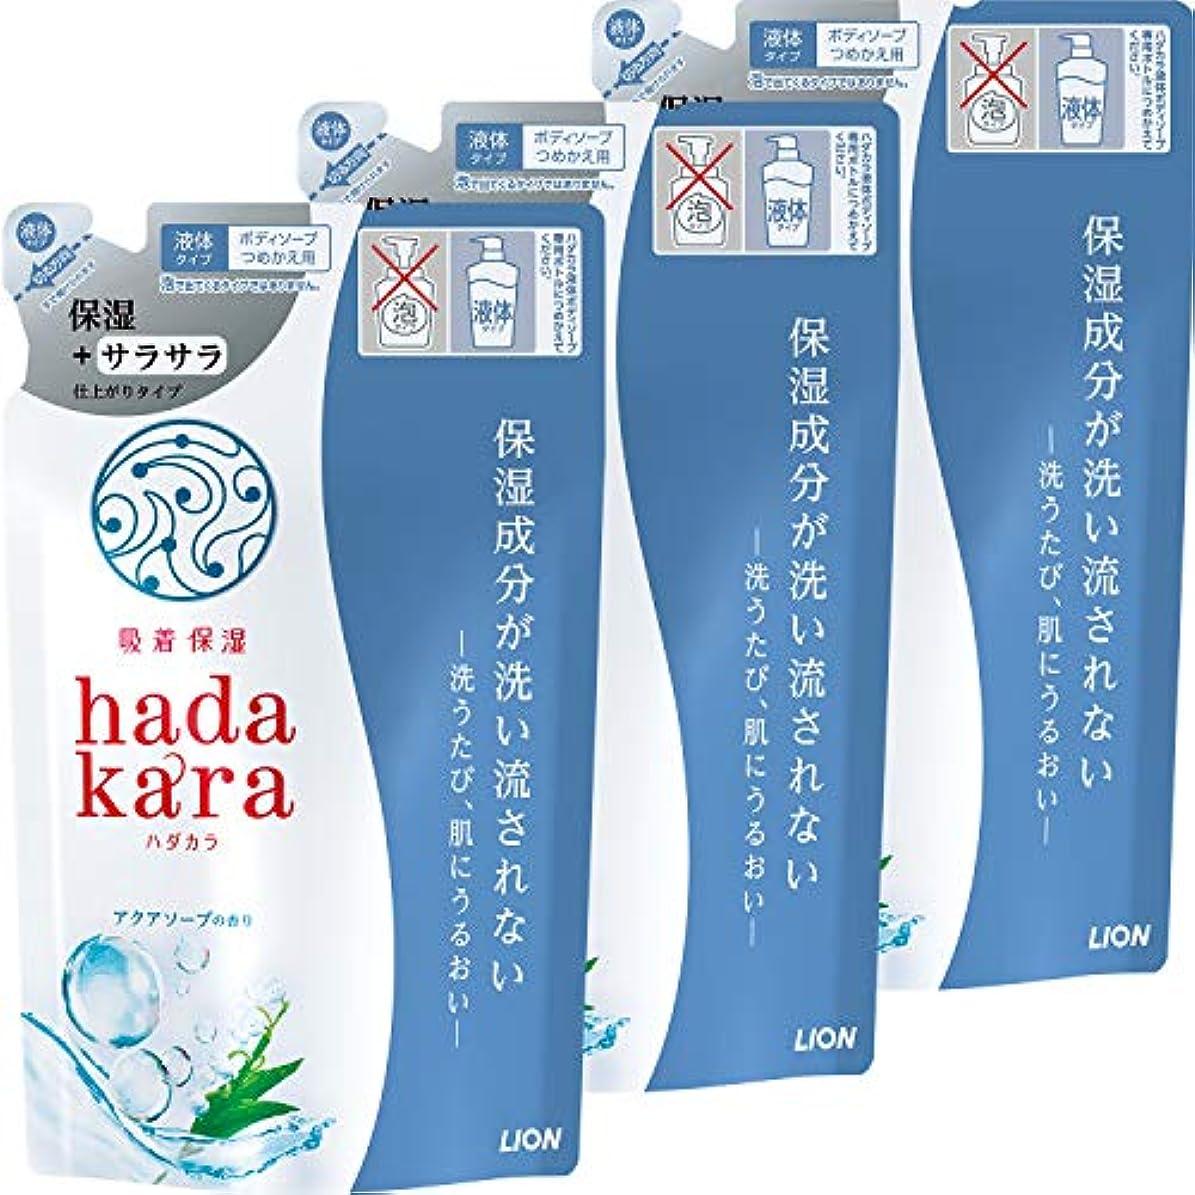 達成する誘発するオークhadakara(ハダカラ) ボディソープ 保湿+サラサラ仕上がりタイプ アクアソープの香り つめかえ340ml×3個 アクアソープ(保湿+サラサラ仕上がり) 詰替え用